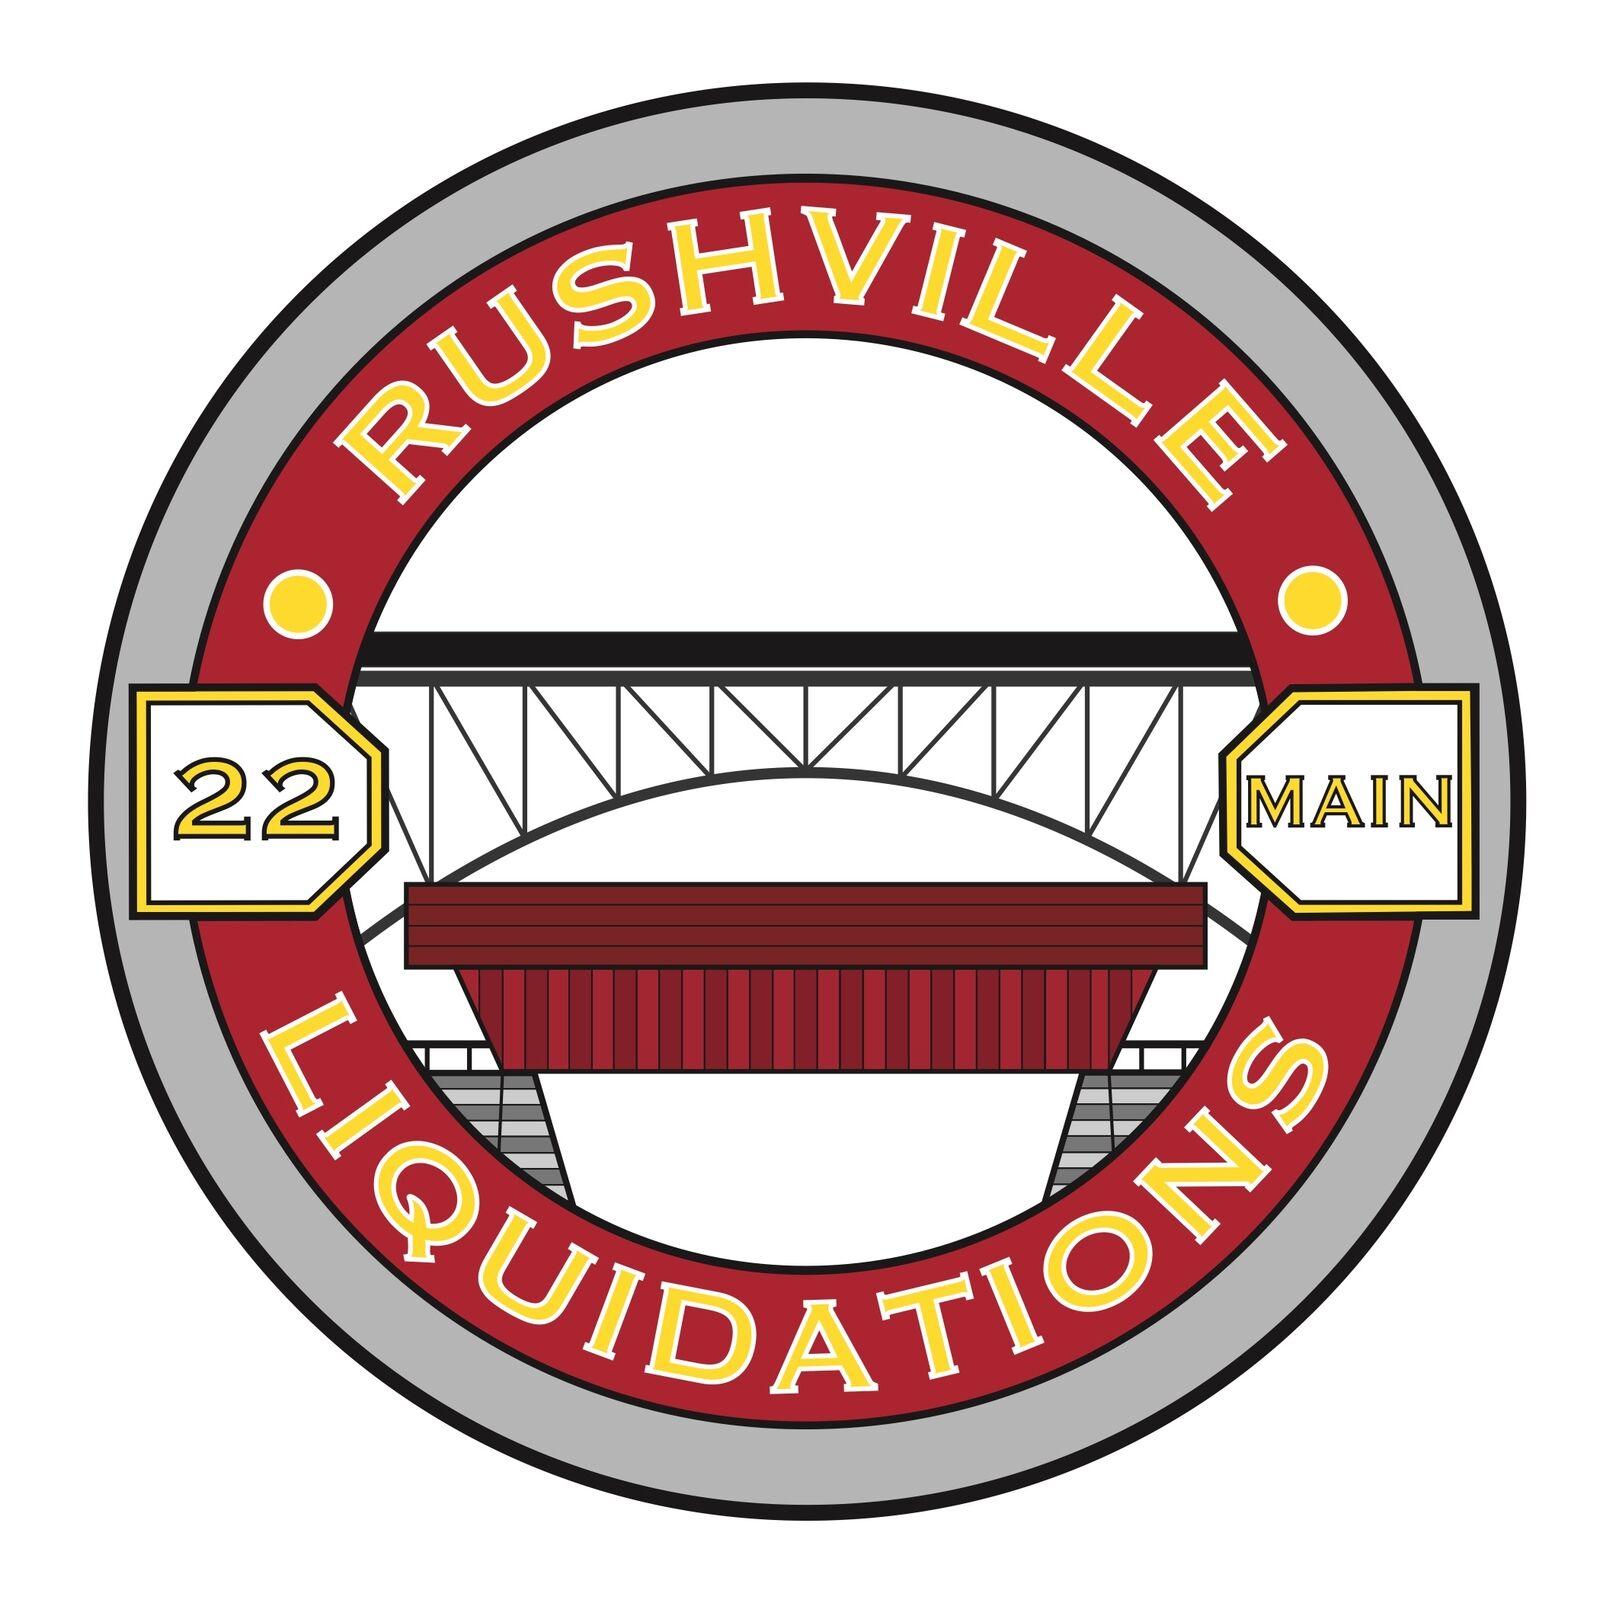 Rushville Liquidations